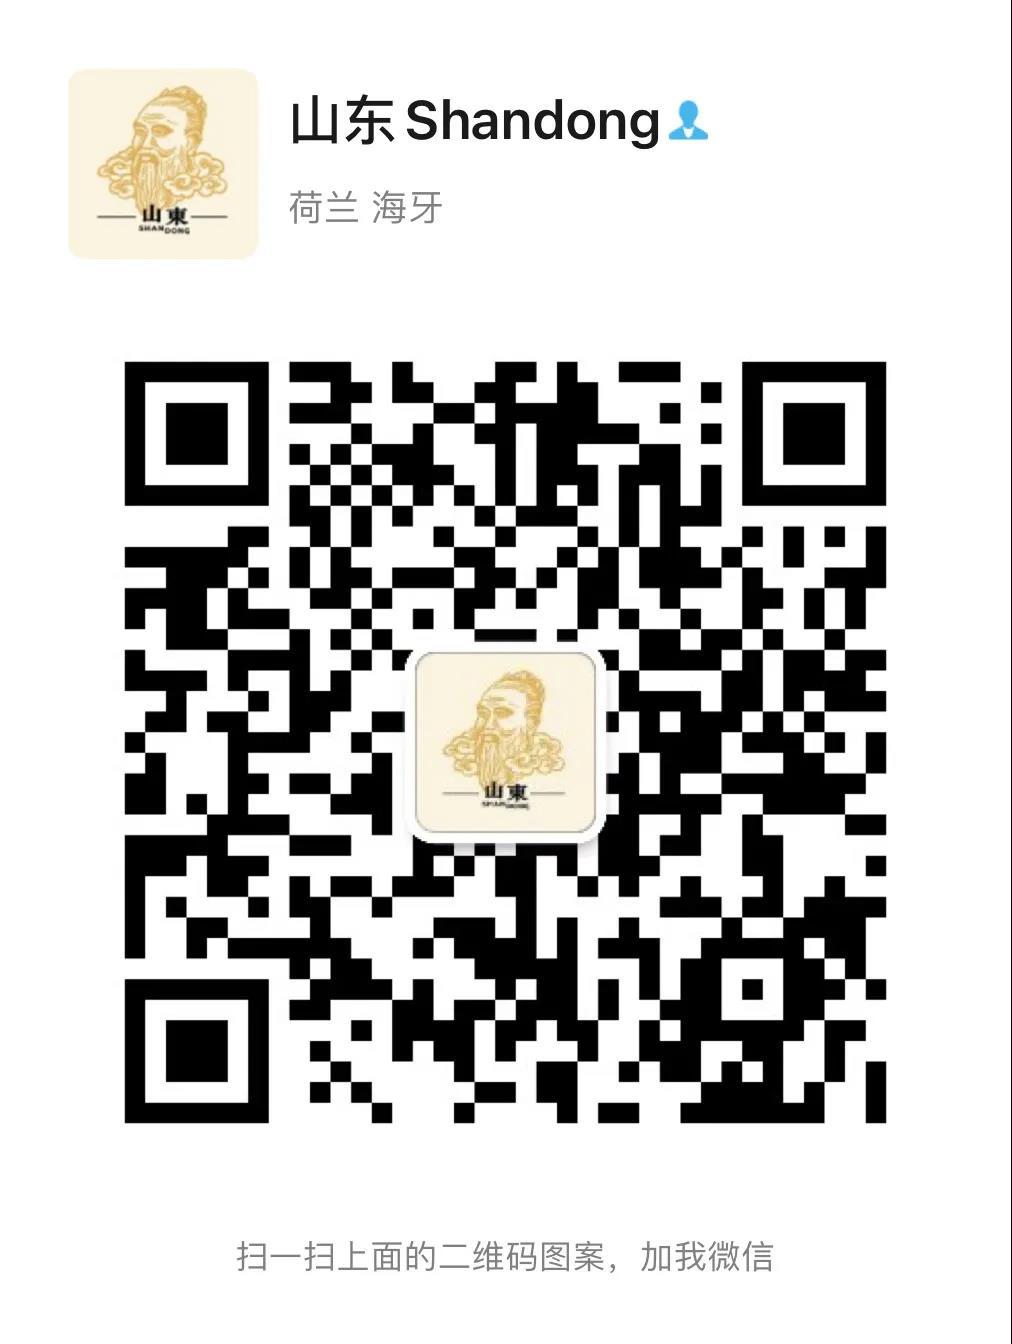 微信图片_20210517173534.jpg